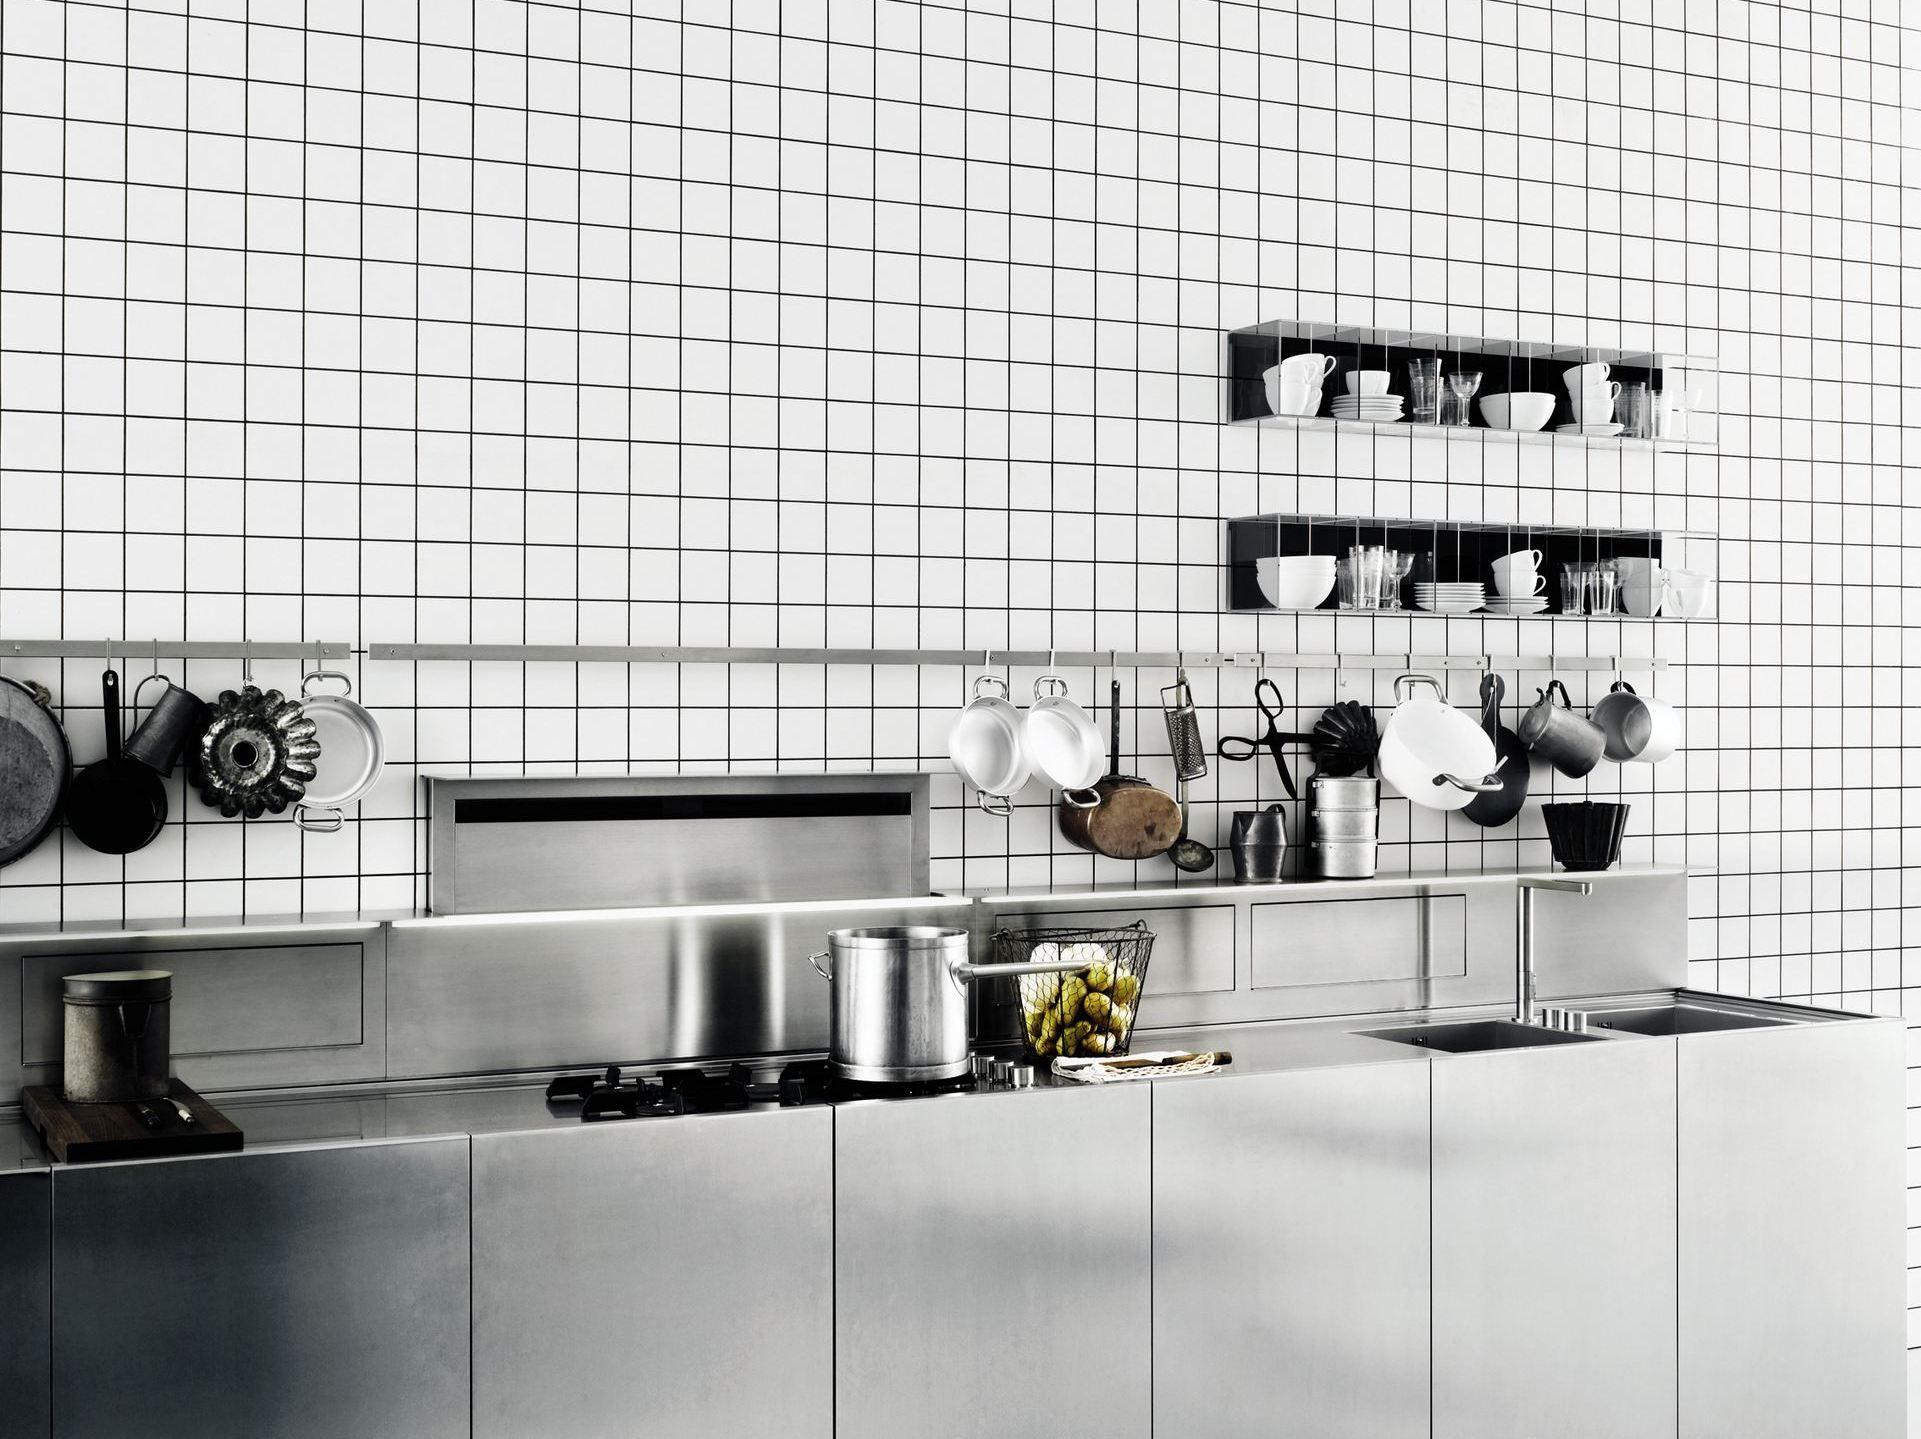 Zeilen- Küche Aus Edelstahl K20 By Boffi Design Norbert Wangen Design Edelstahl Kuchen